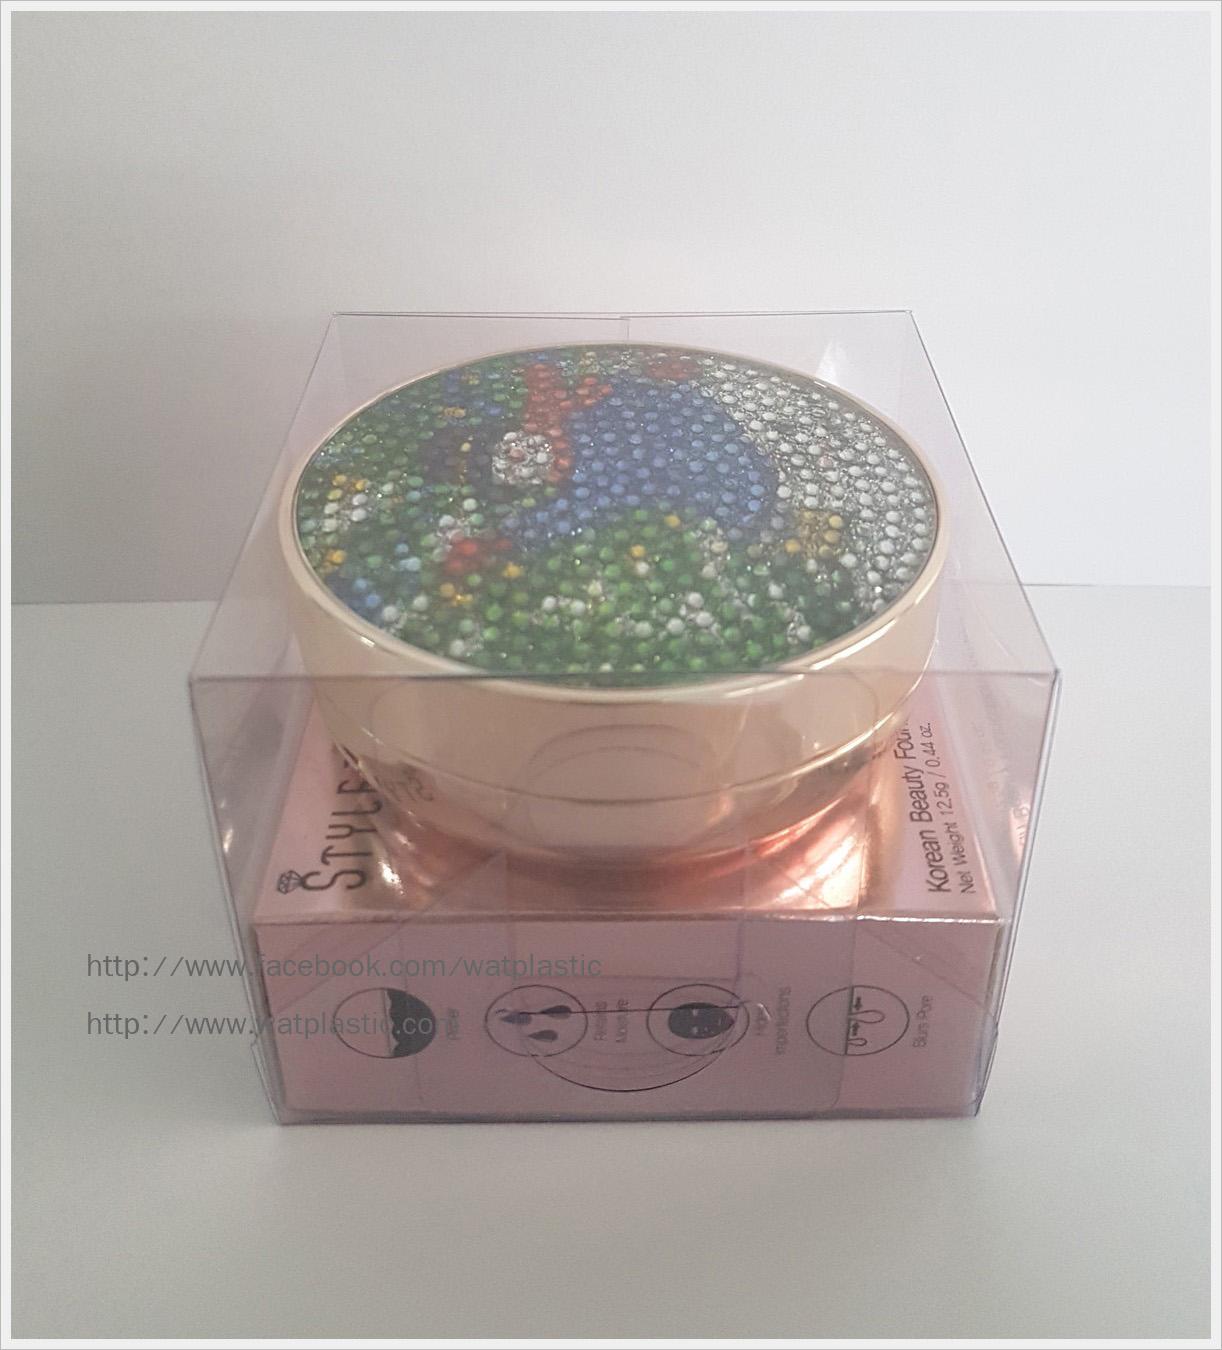 กล่อง ตลับครีม/กระปุกครีม ขนาด 8.3 x 8.3 x 6.7 cm